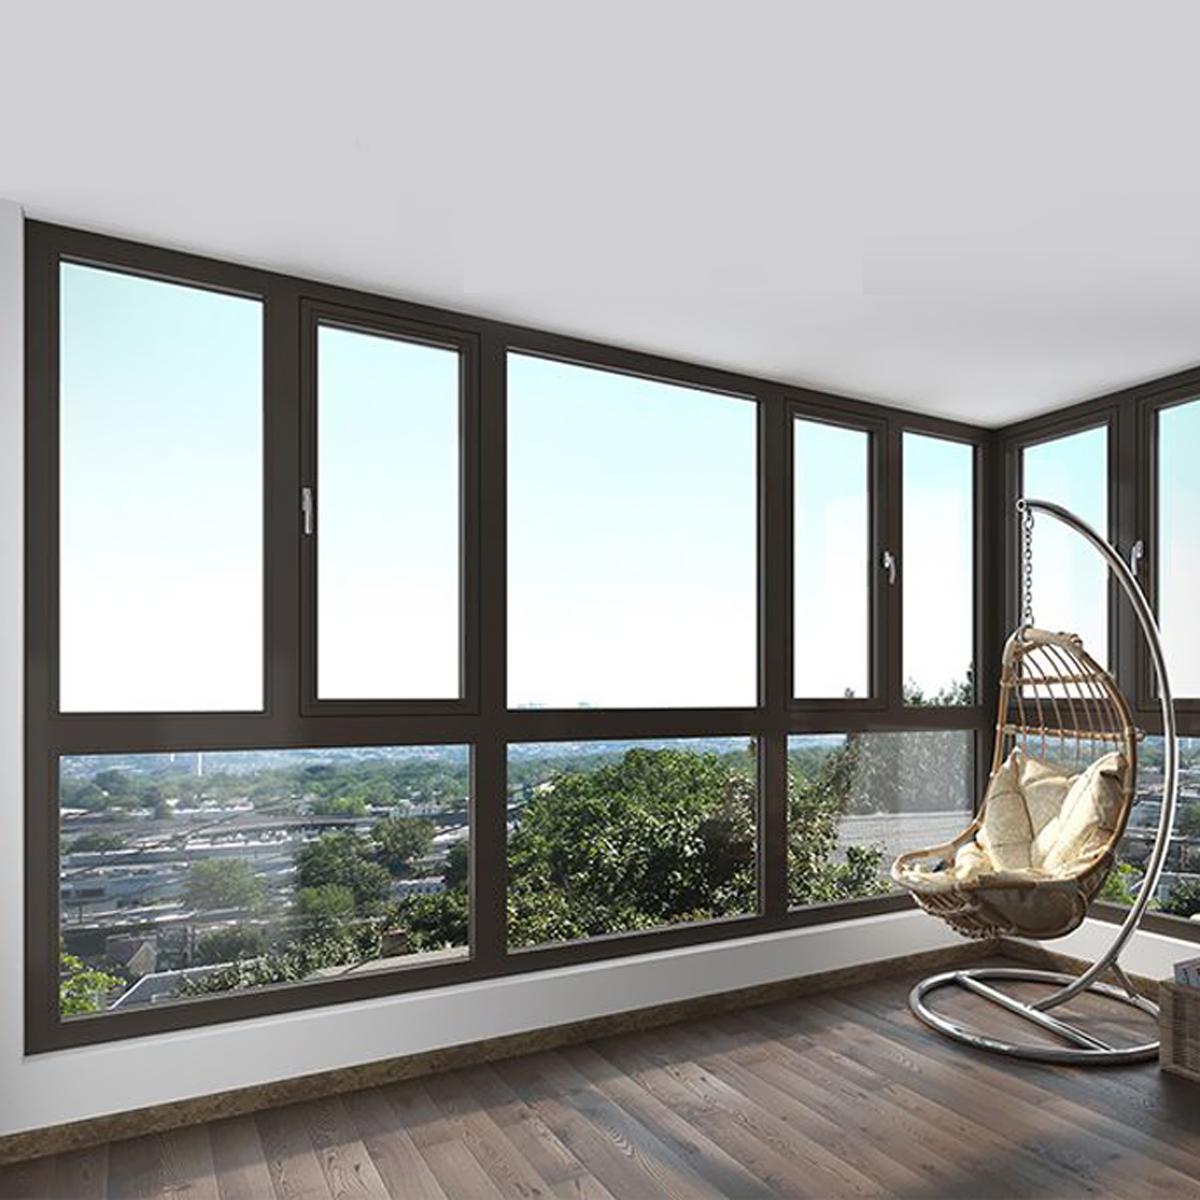 节能型铝合金系统窗(筑科)